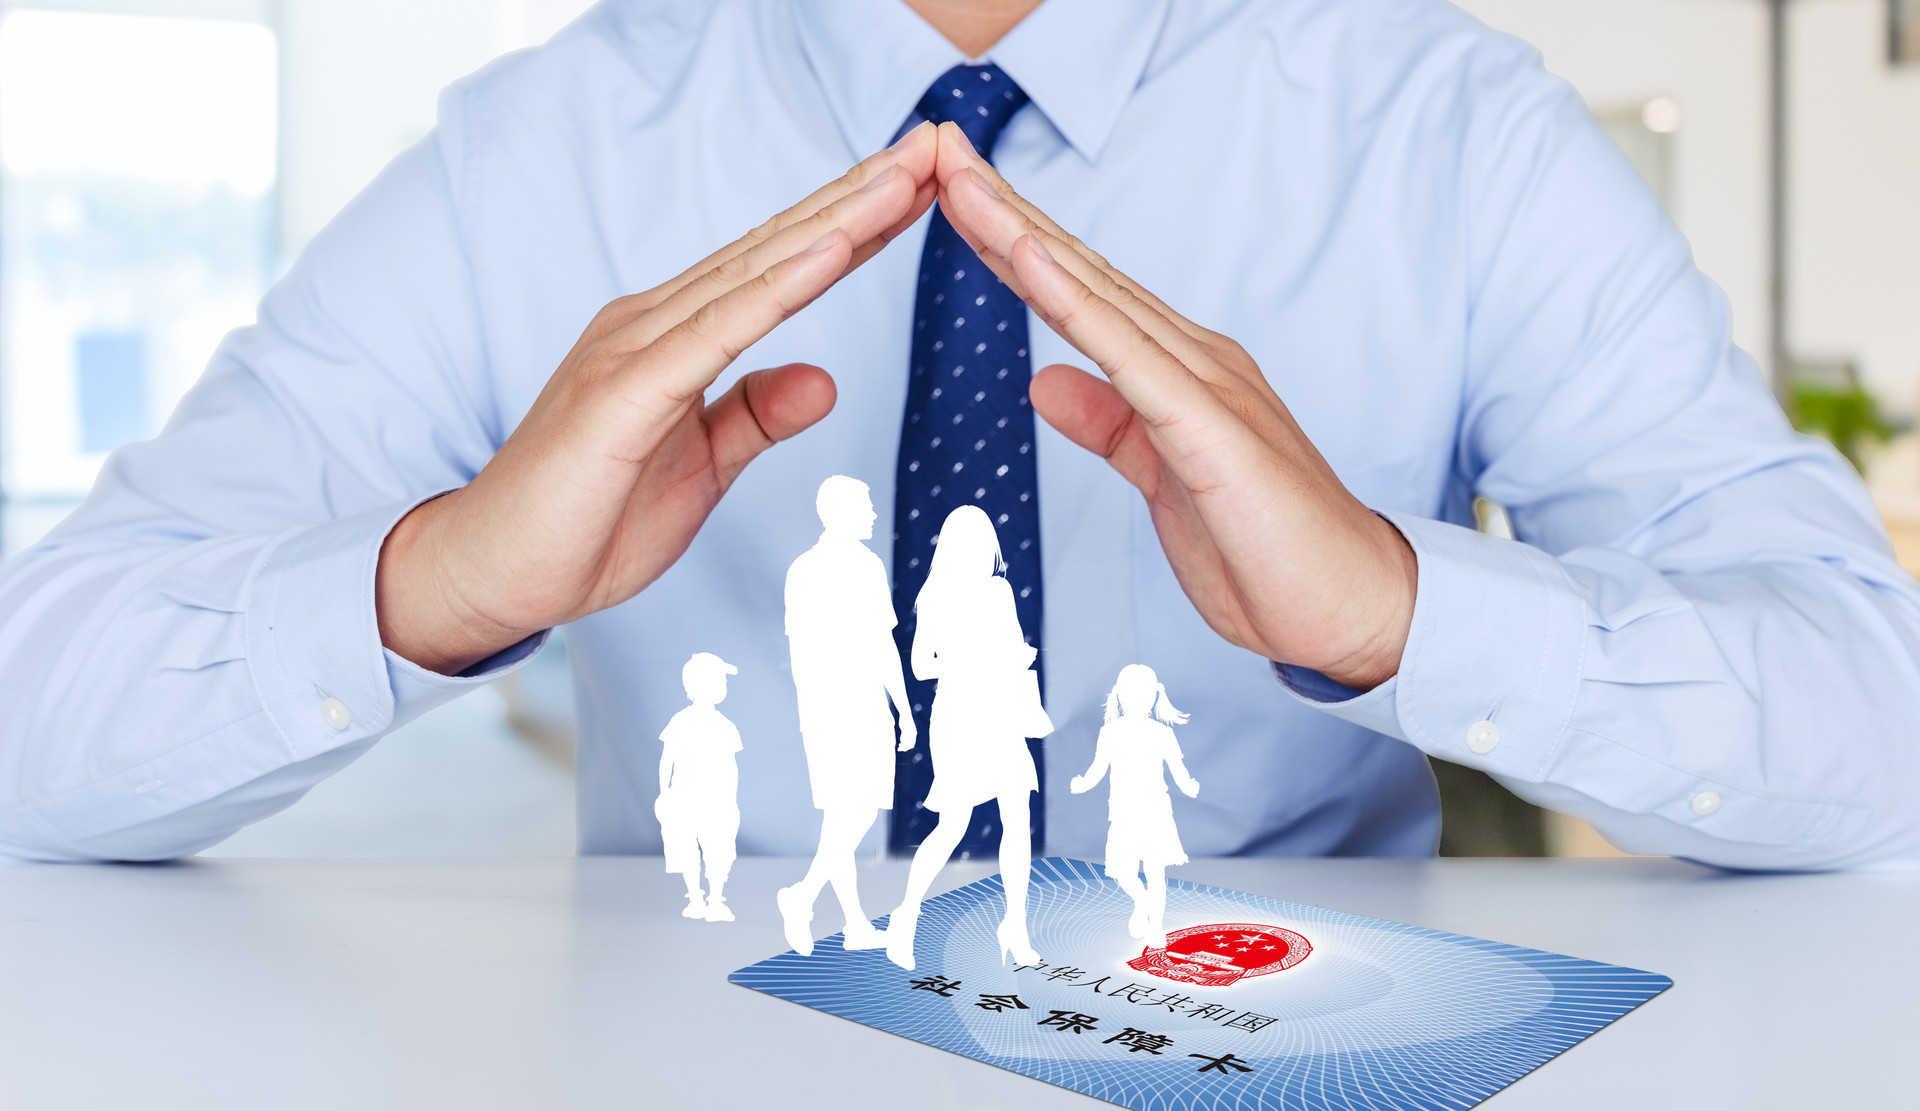 企业社保代缴需交多少,代缴社保的公司,员工社保